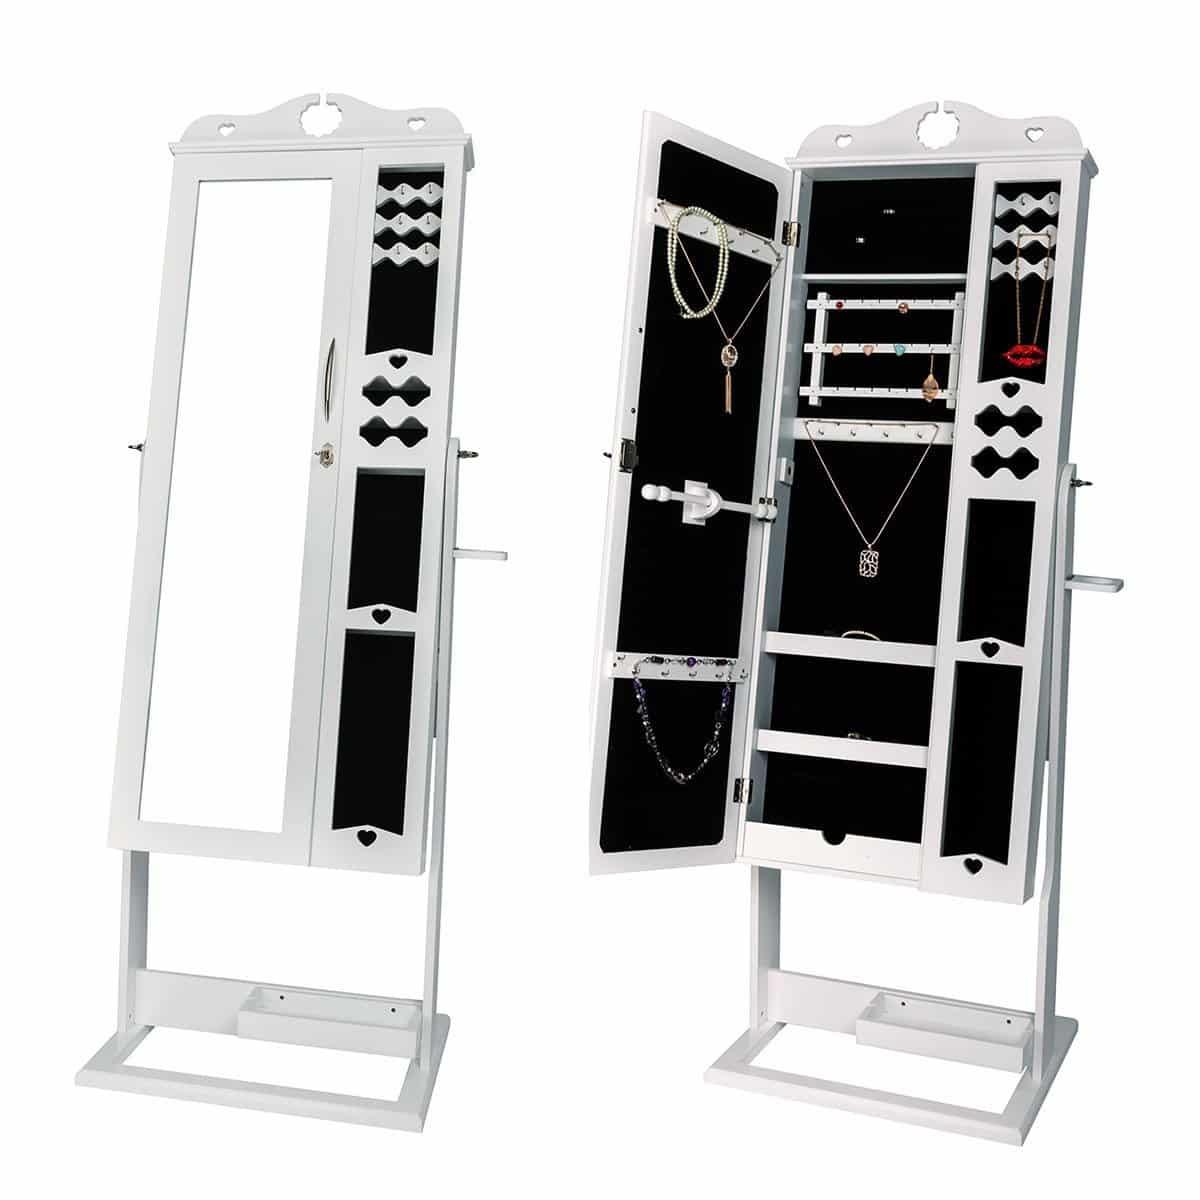 DXP Schmuckschrank Standspiegel Weiß Für Ketten Ringe Ohrringe 167x65x45CM Schmuckkasten